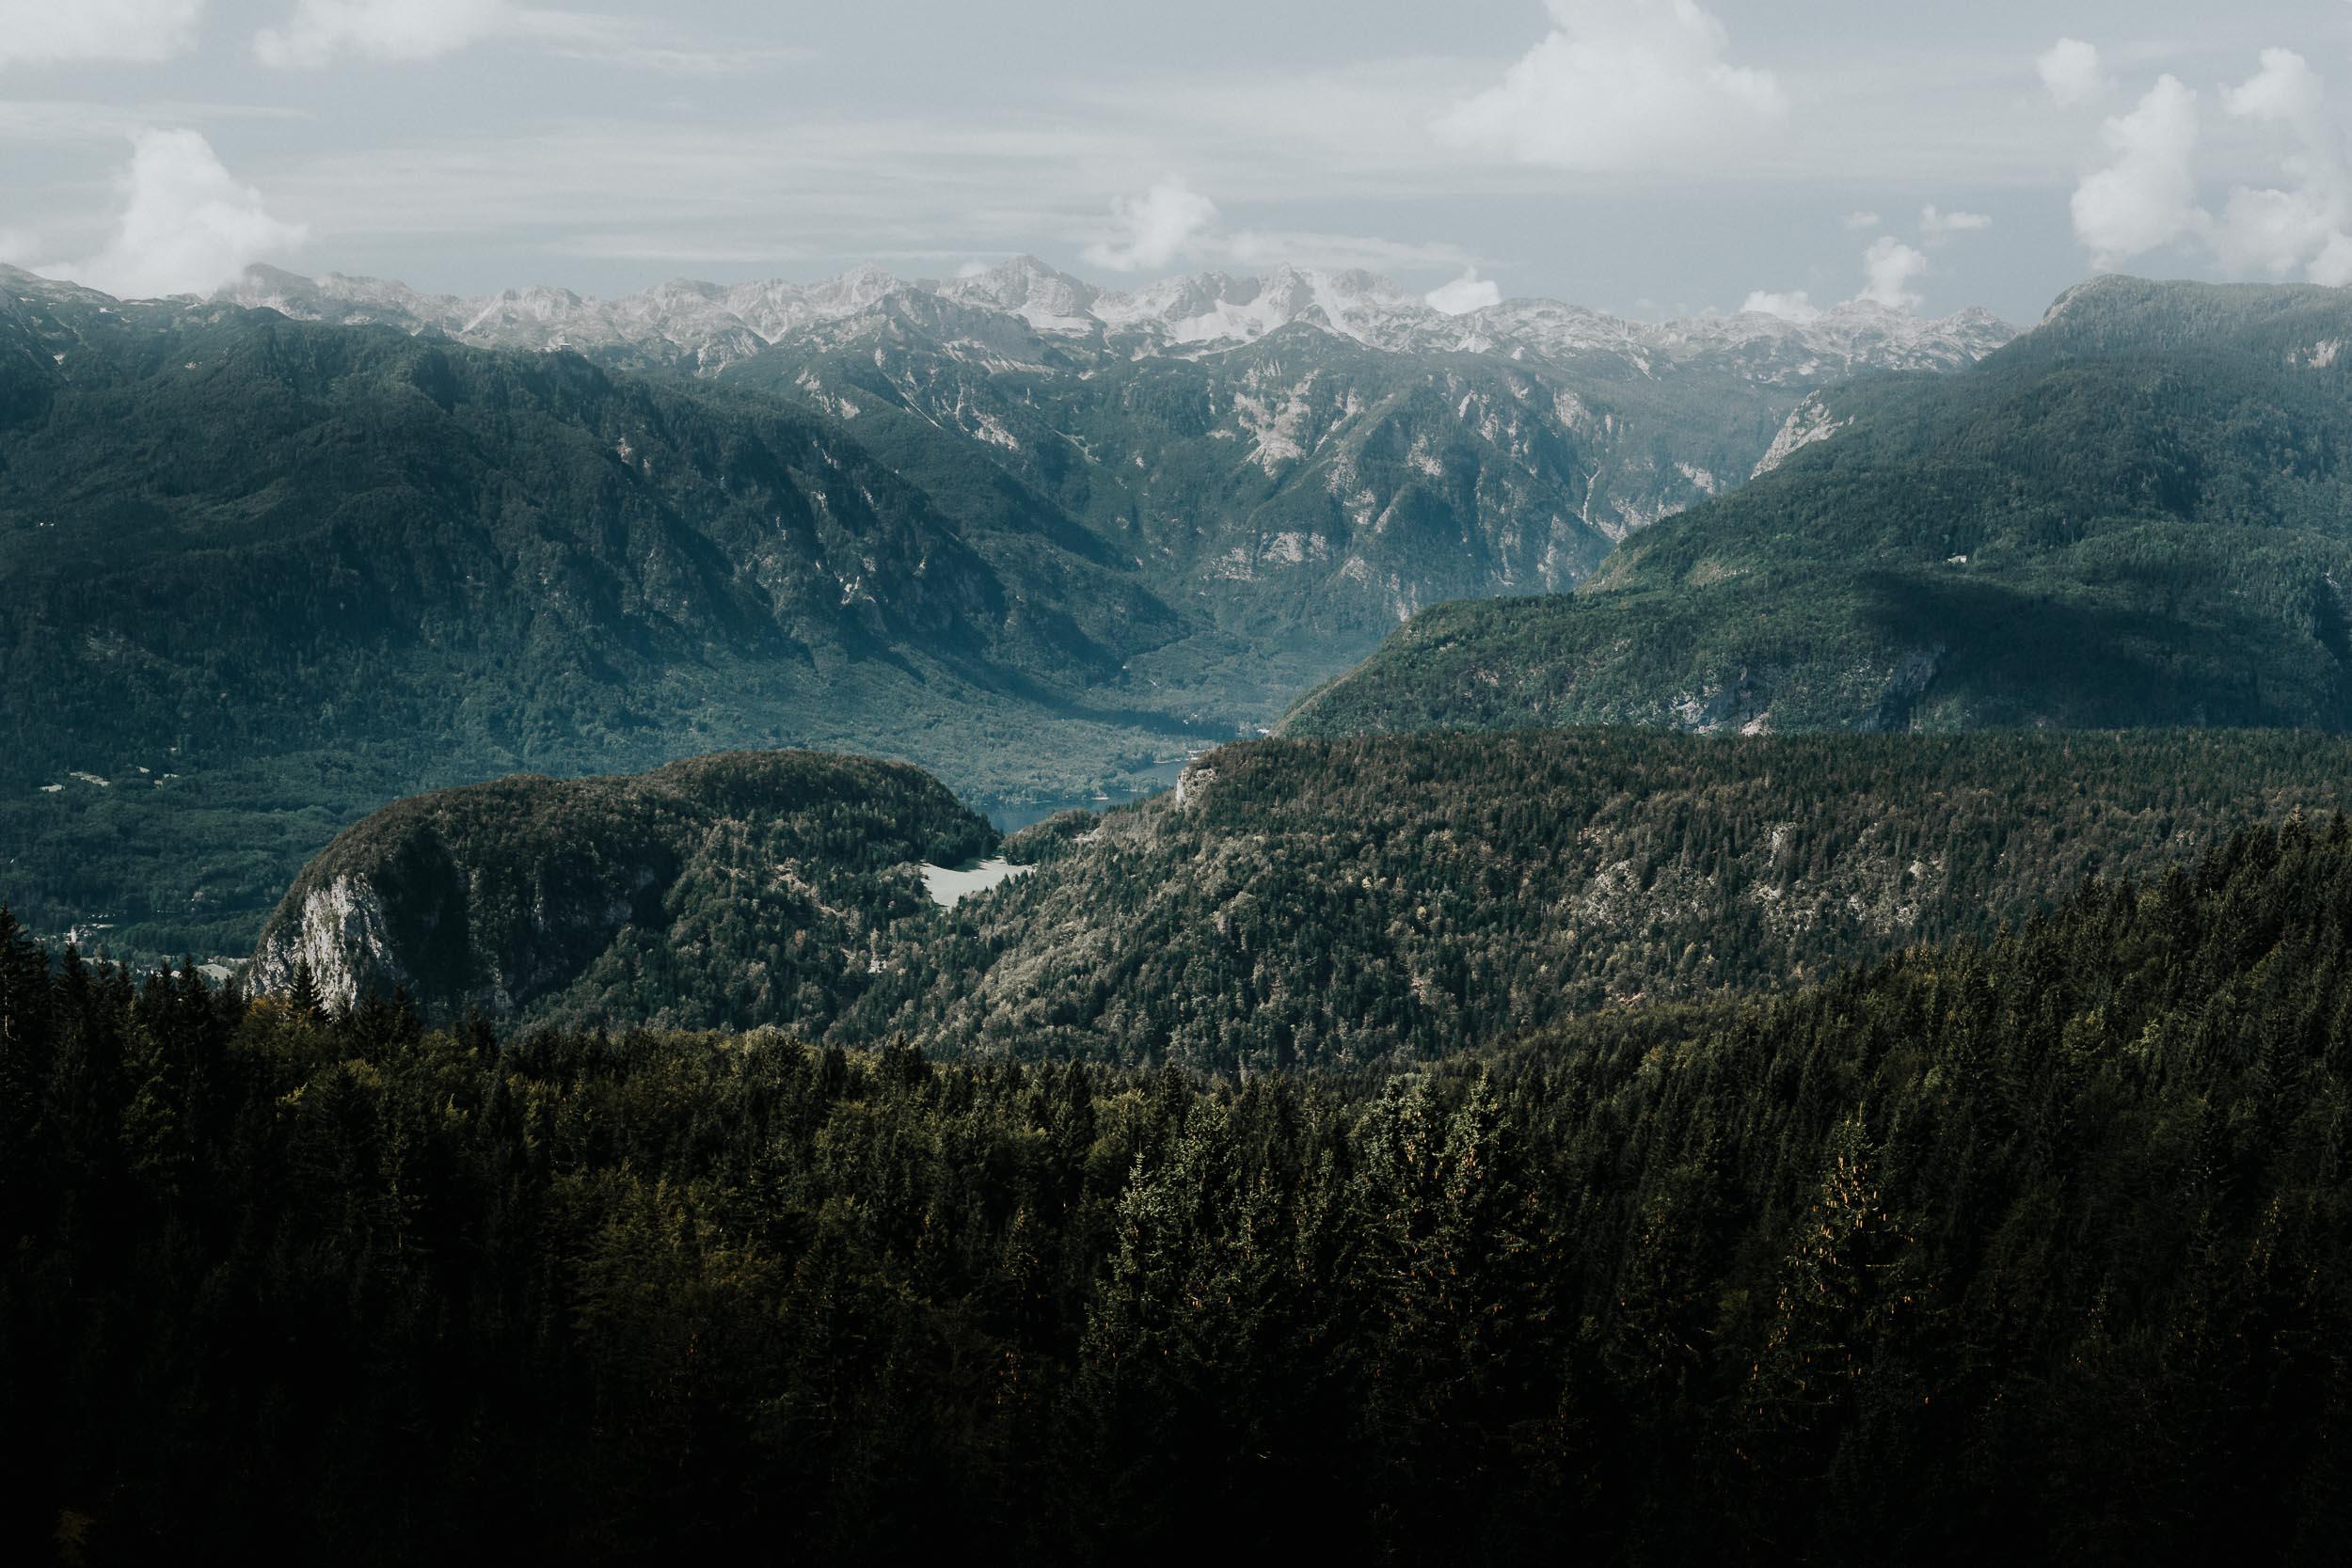 The View Towards Bohinj from Planina Zajamniki